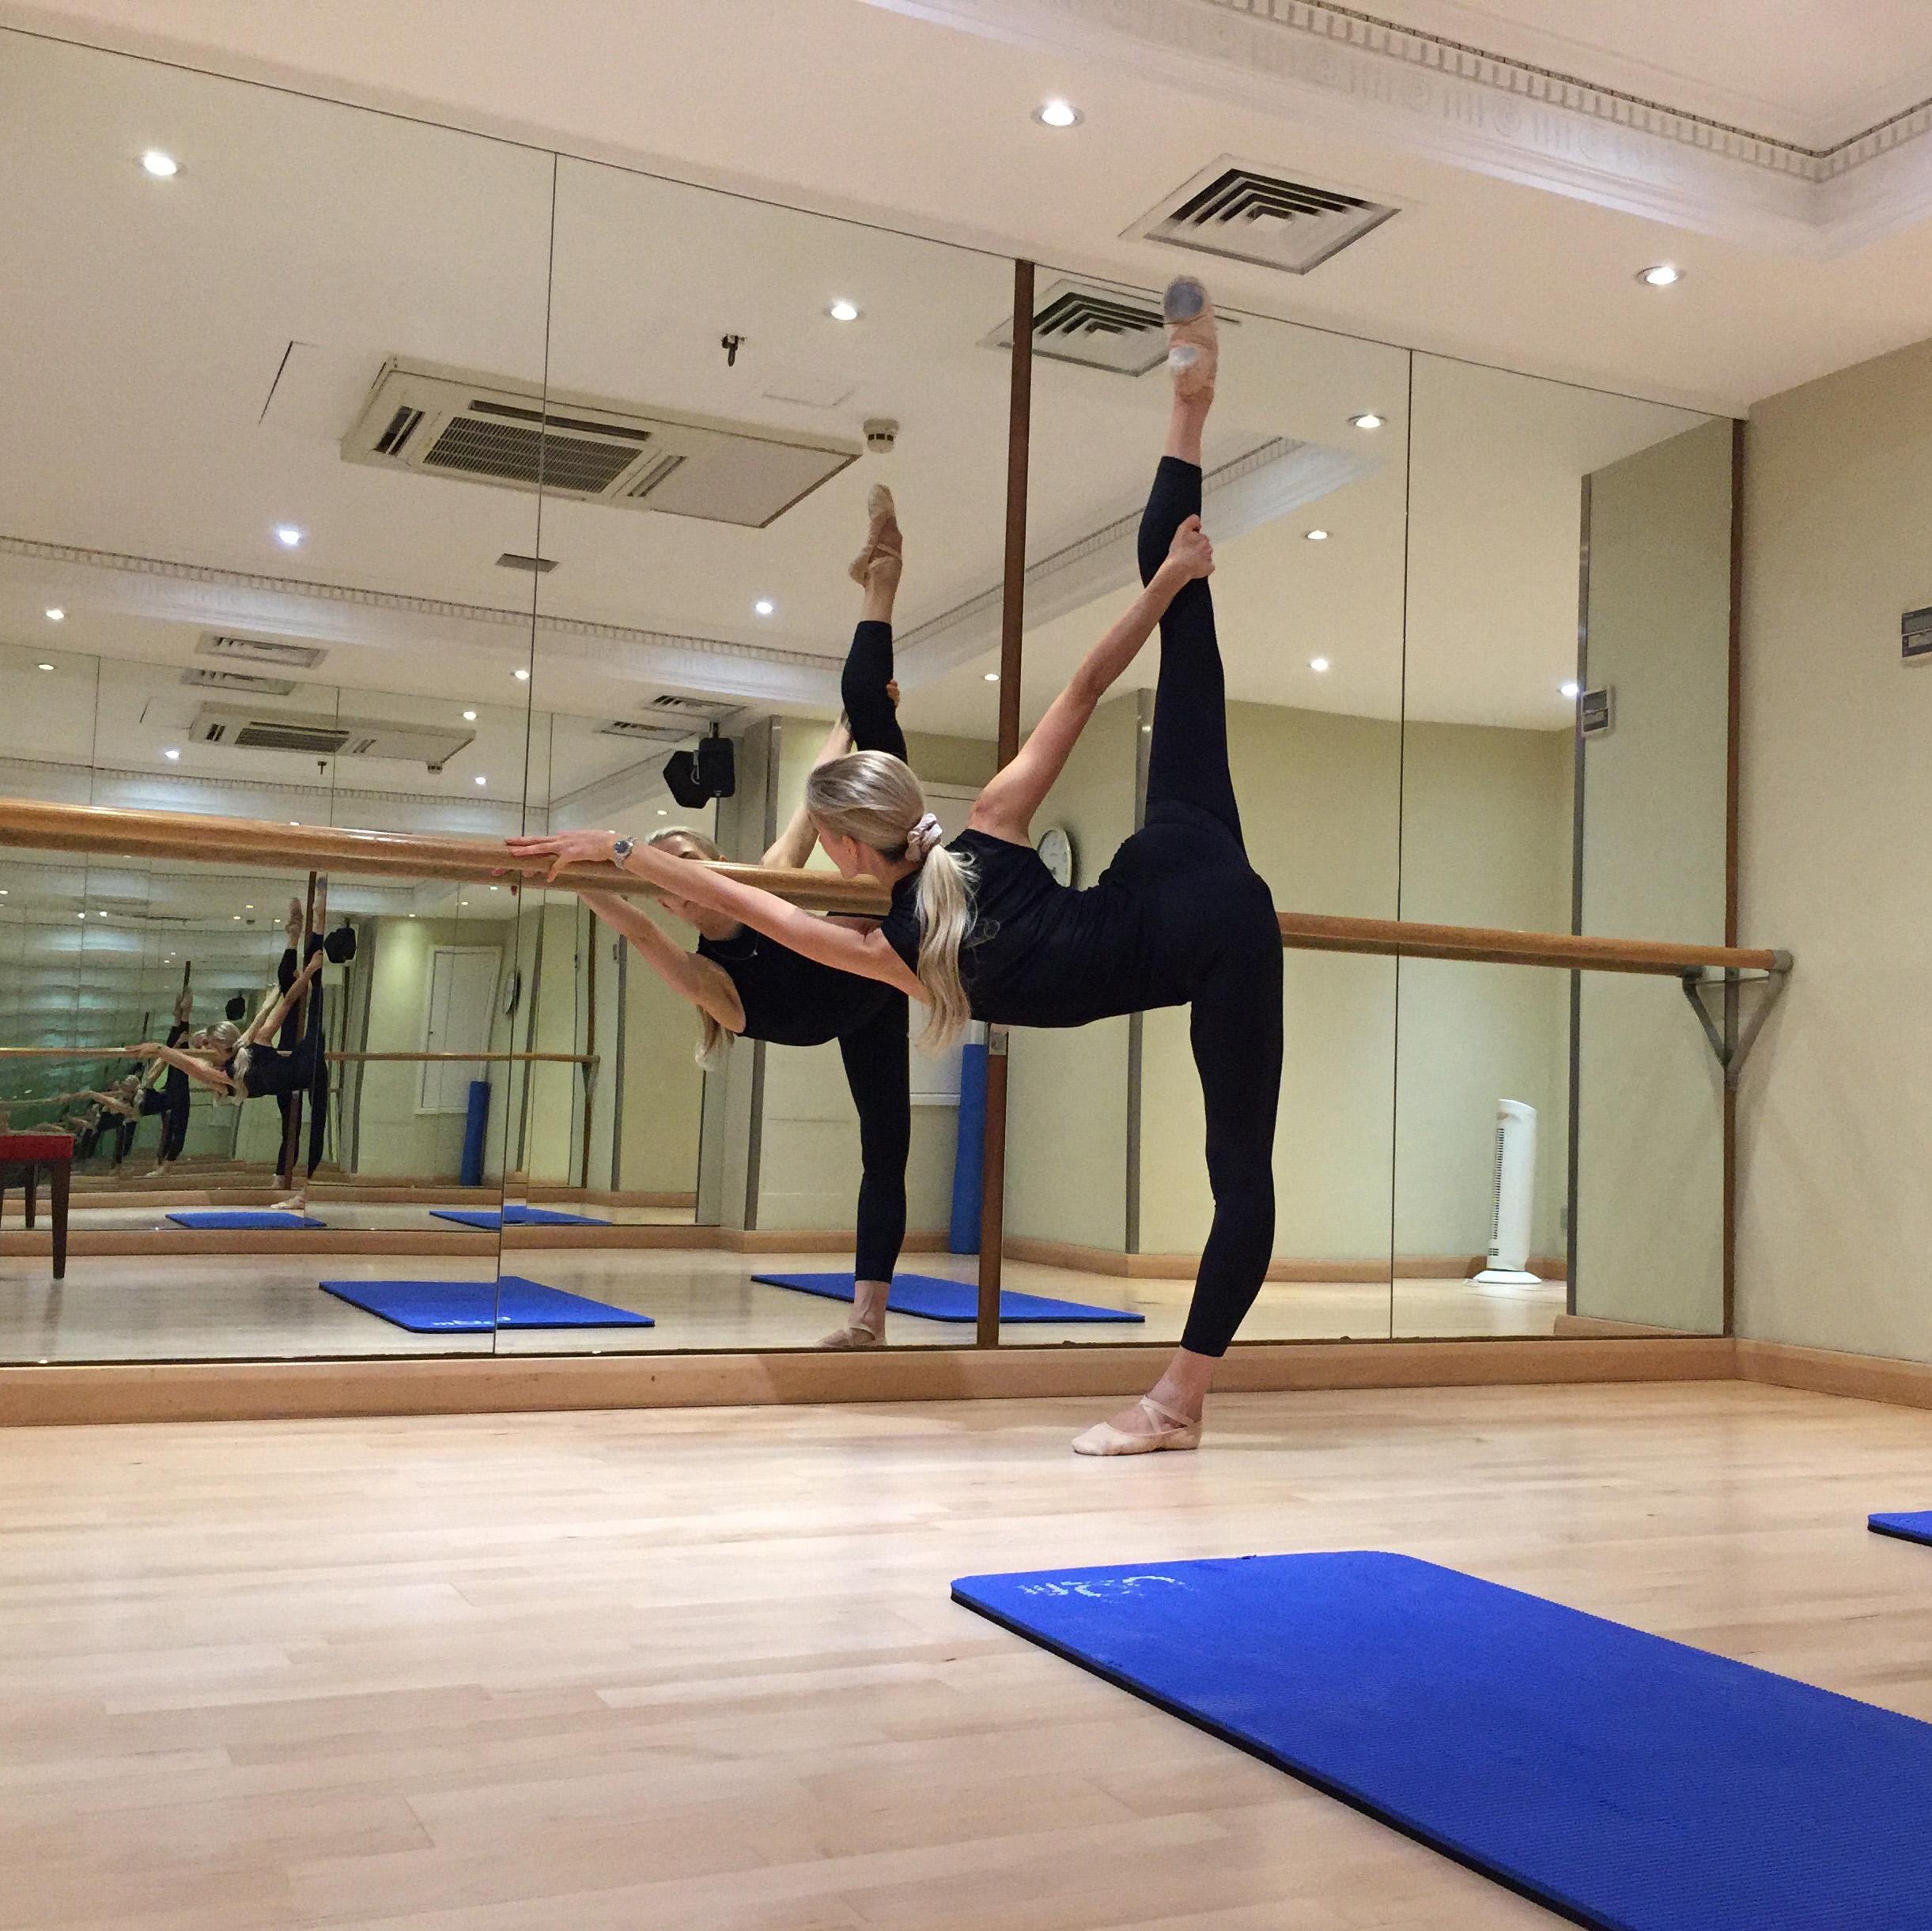 ballet-body-sculpture-flexibility-myths